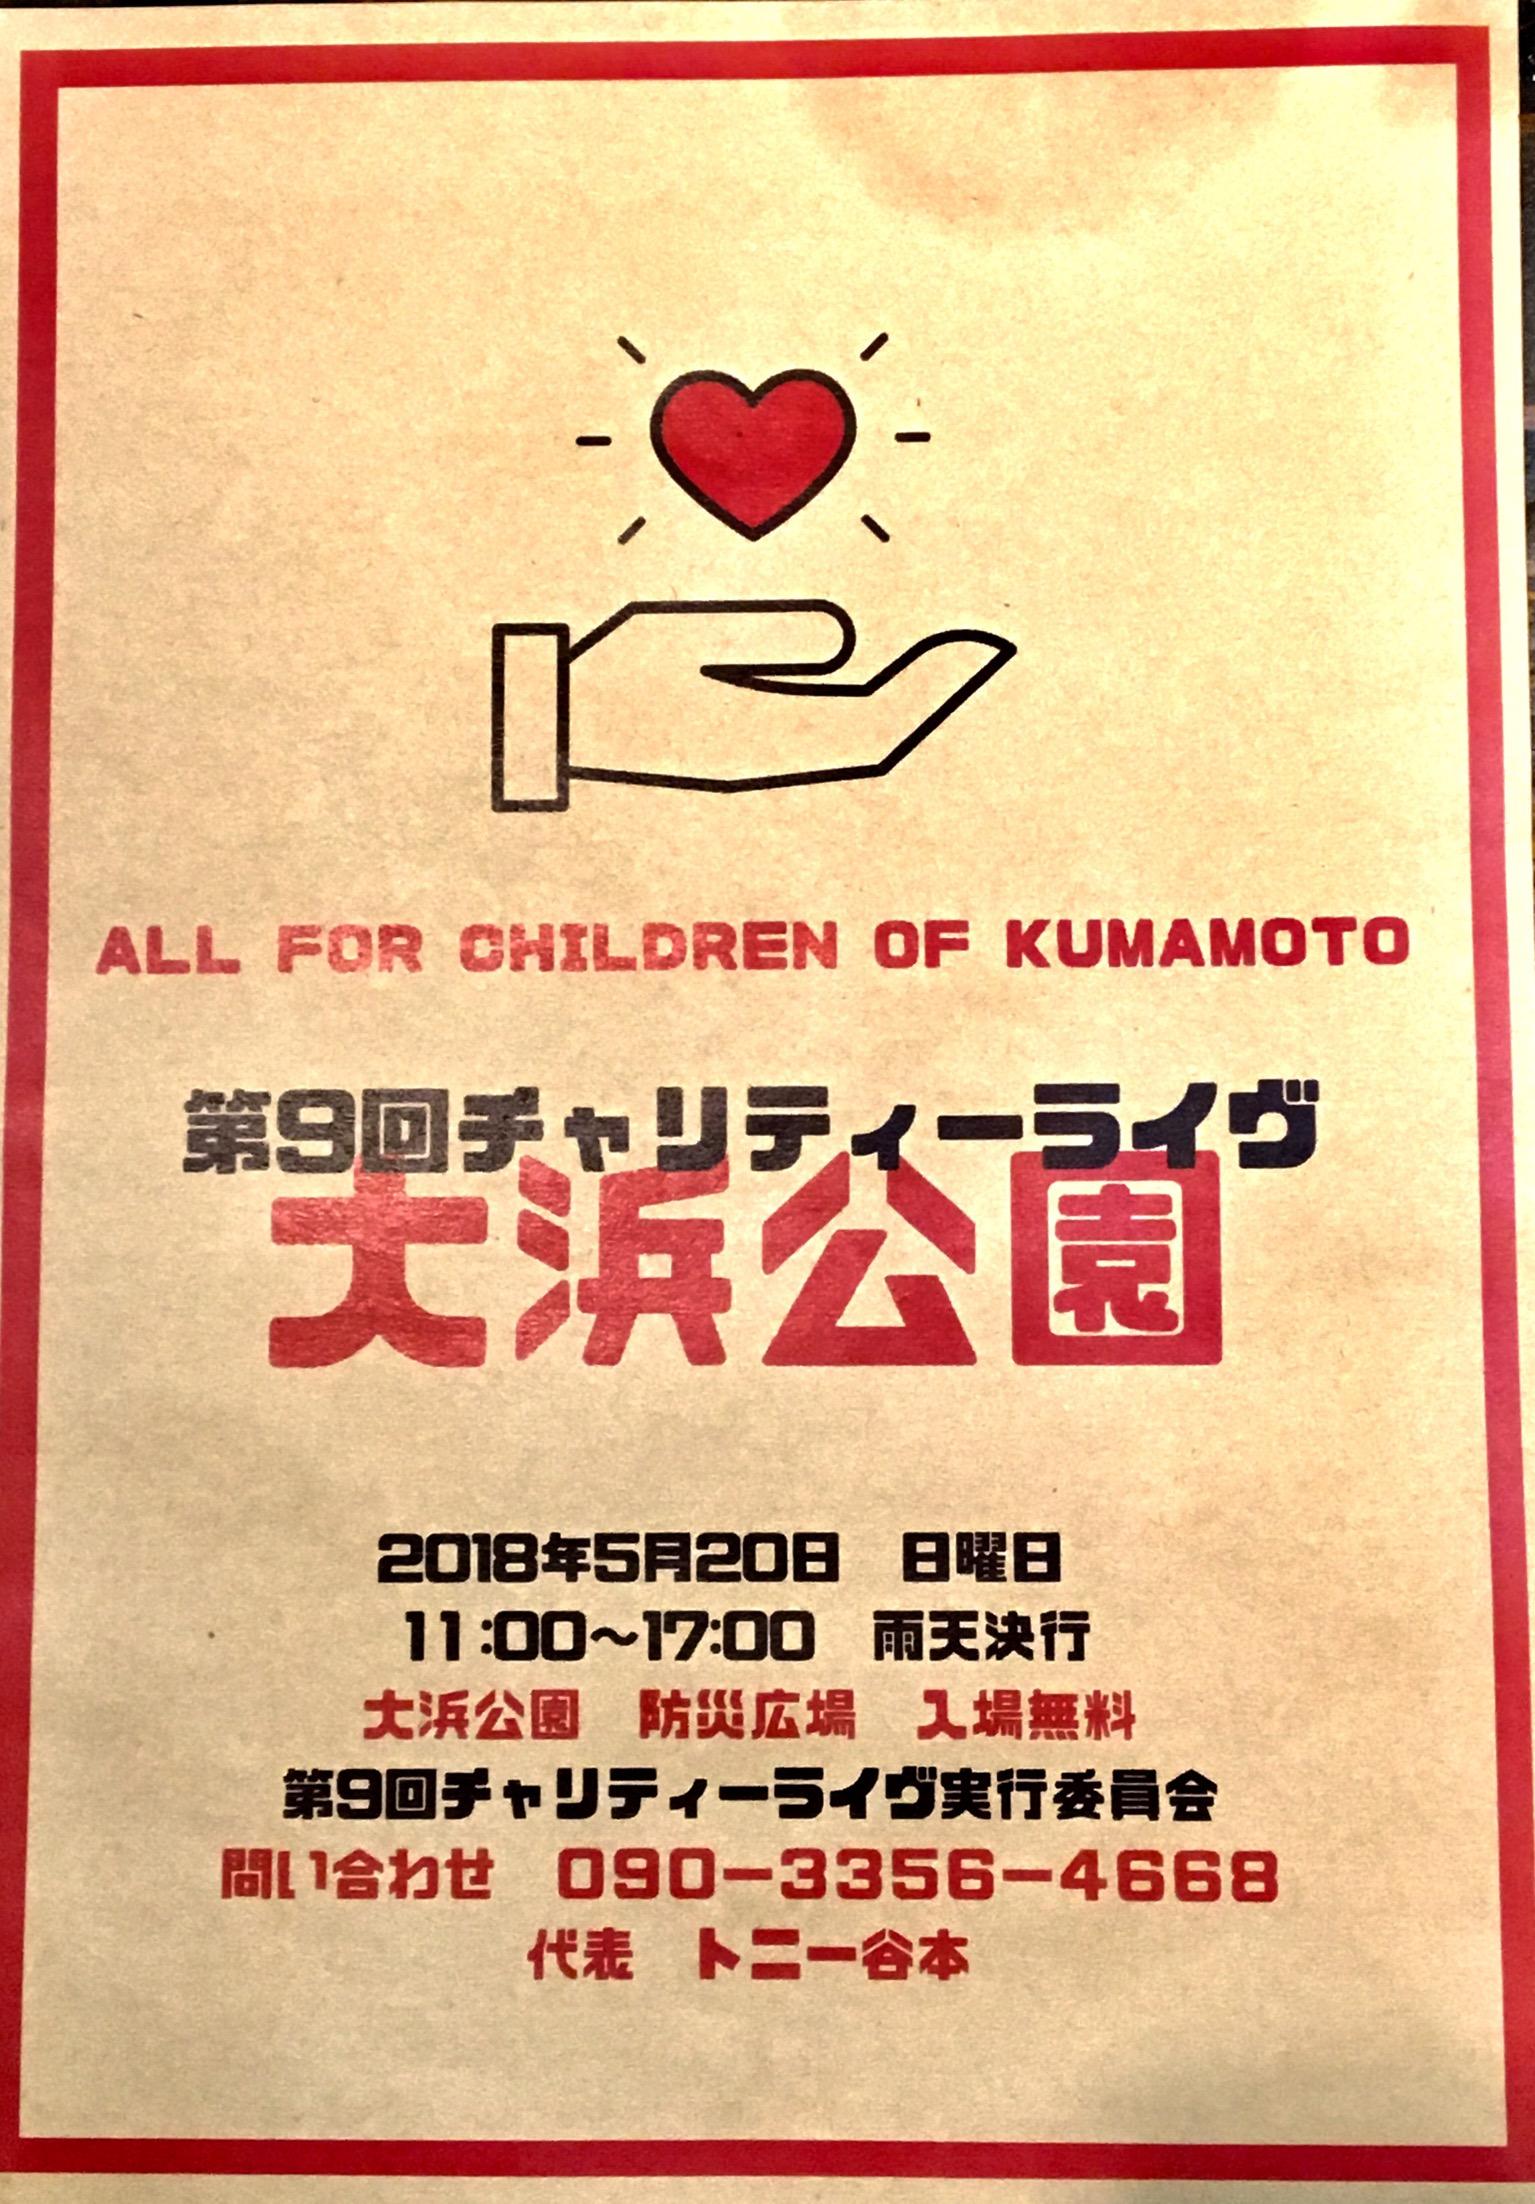 20日大浜公園で今年も開催されます。